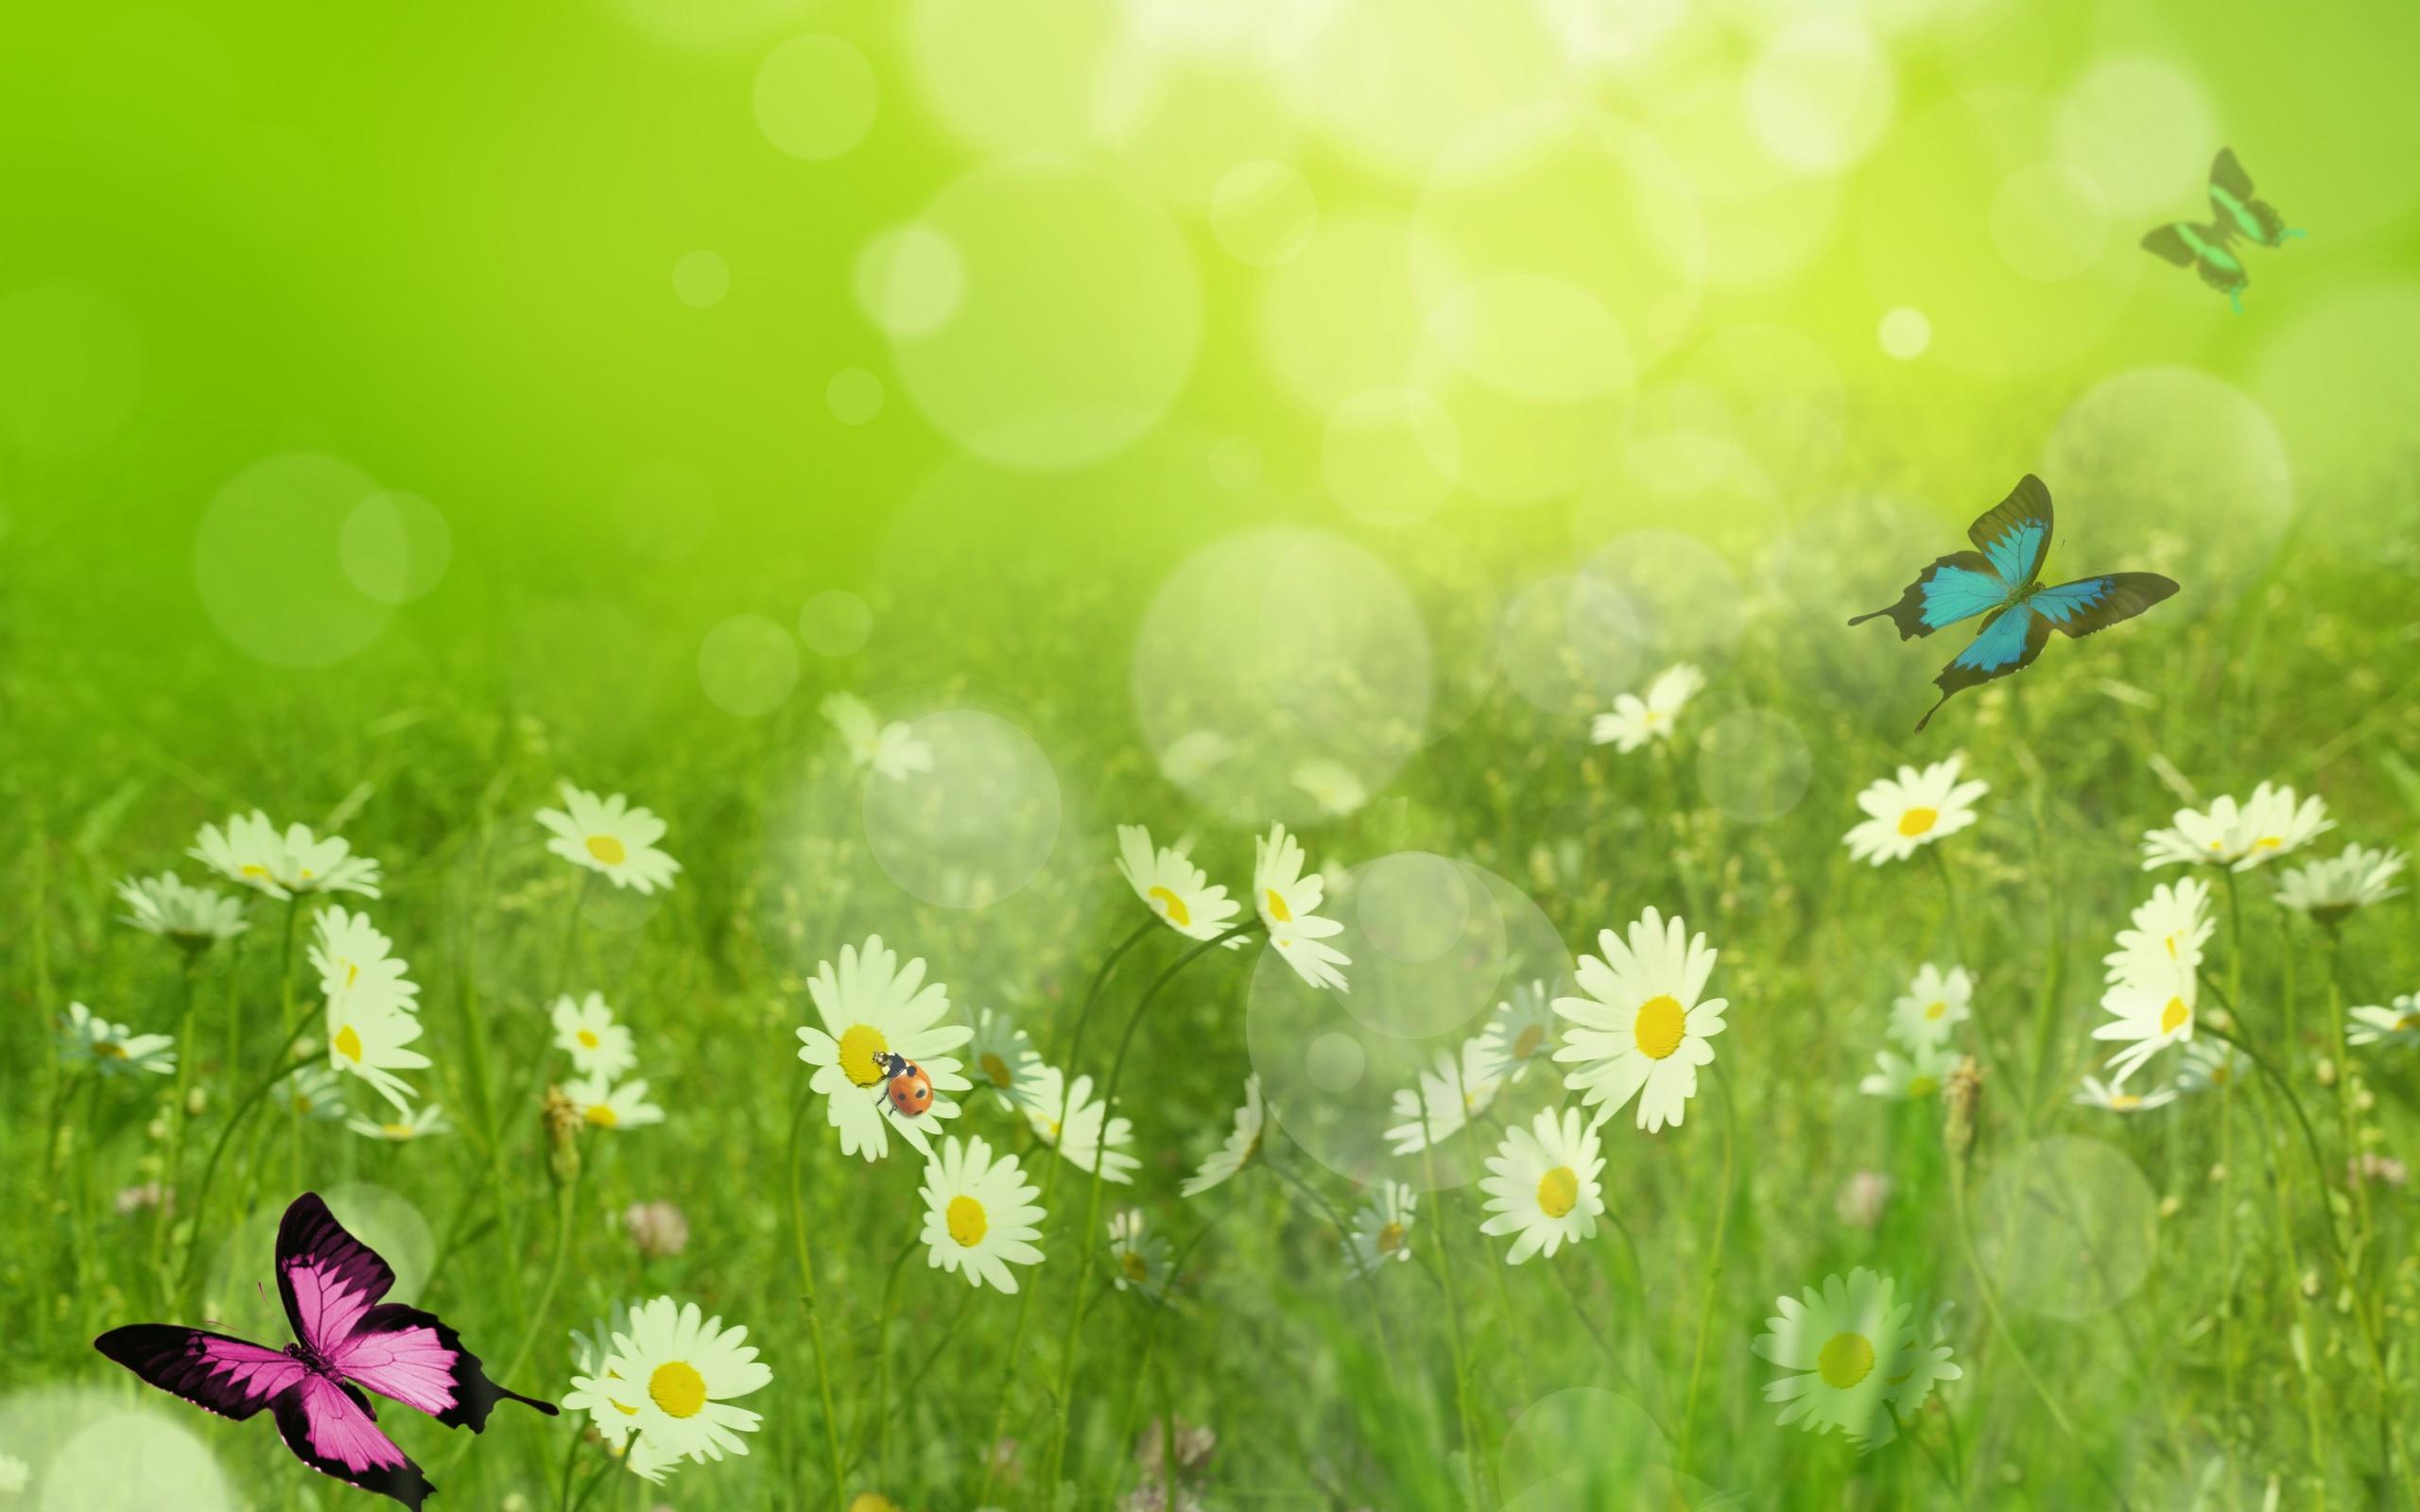 Красивые летние открытки природы, смешные рожицы